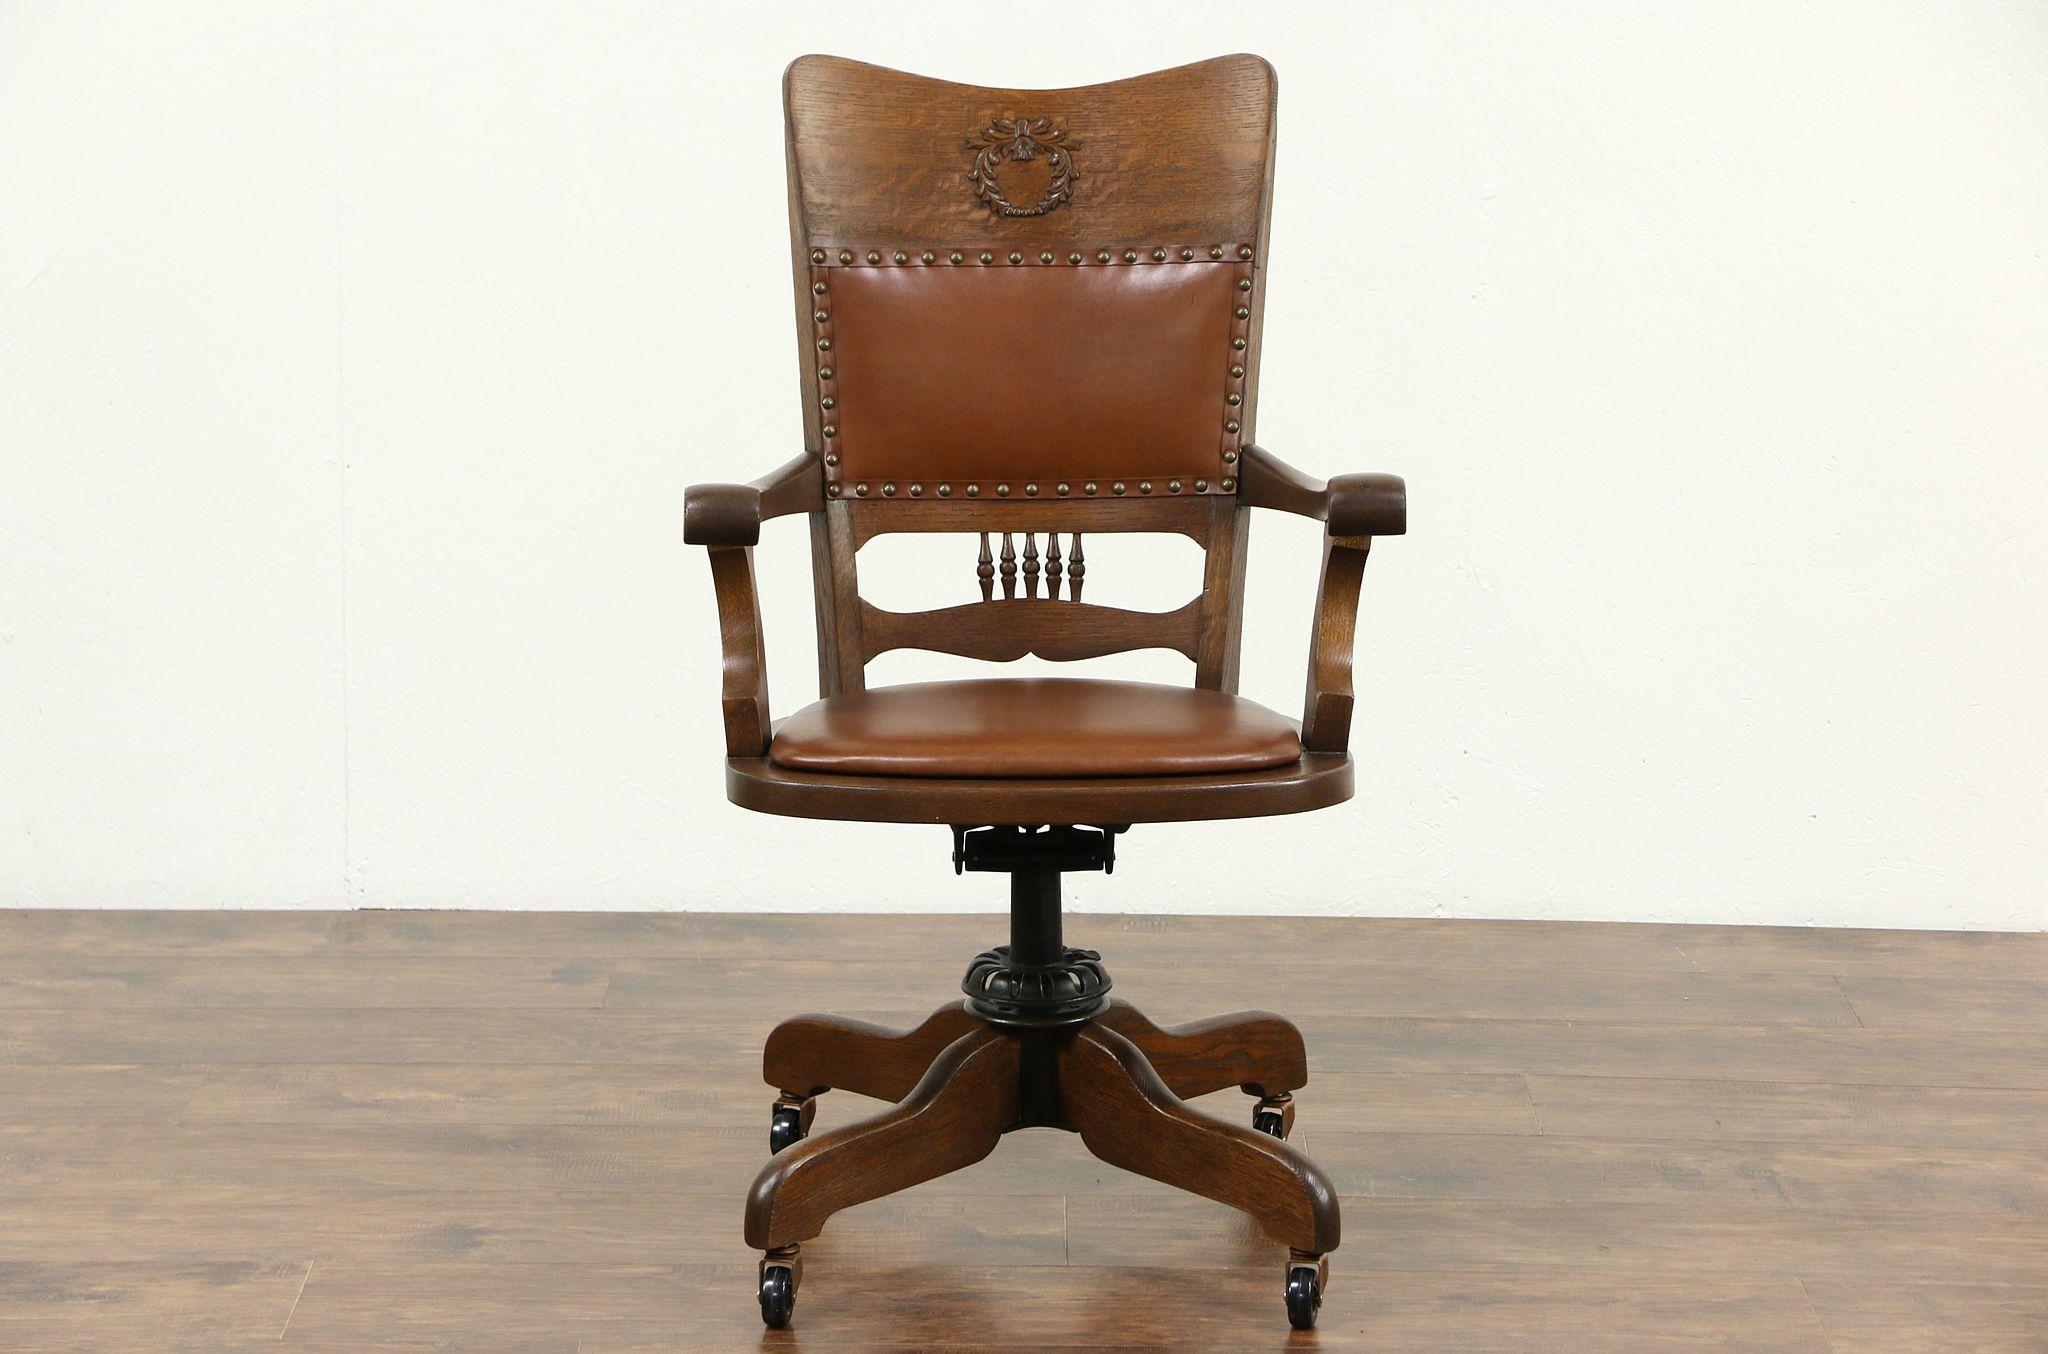 Super Oak Leather Swivel Adjustable Antique Desk Chair Signed Crocker Sheboygan Pdpeps Interior Chair Design Pdpepsorg